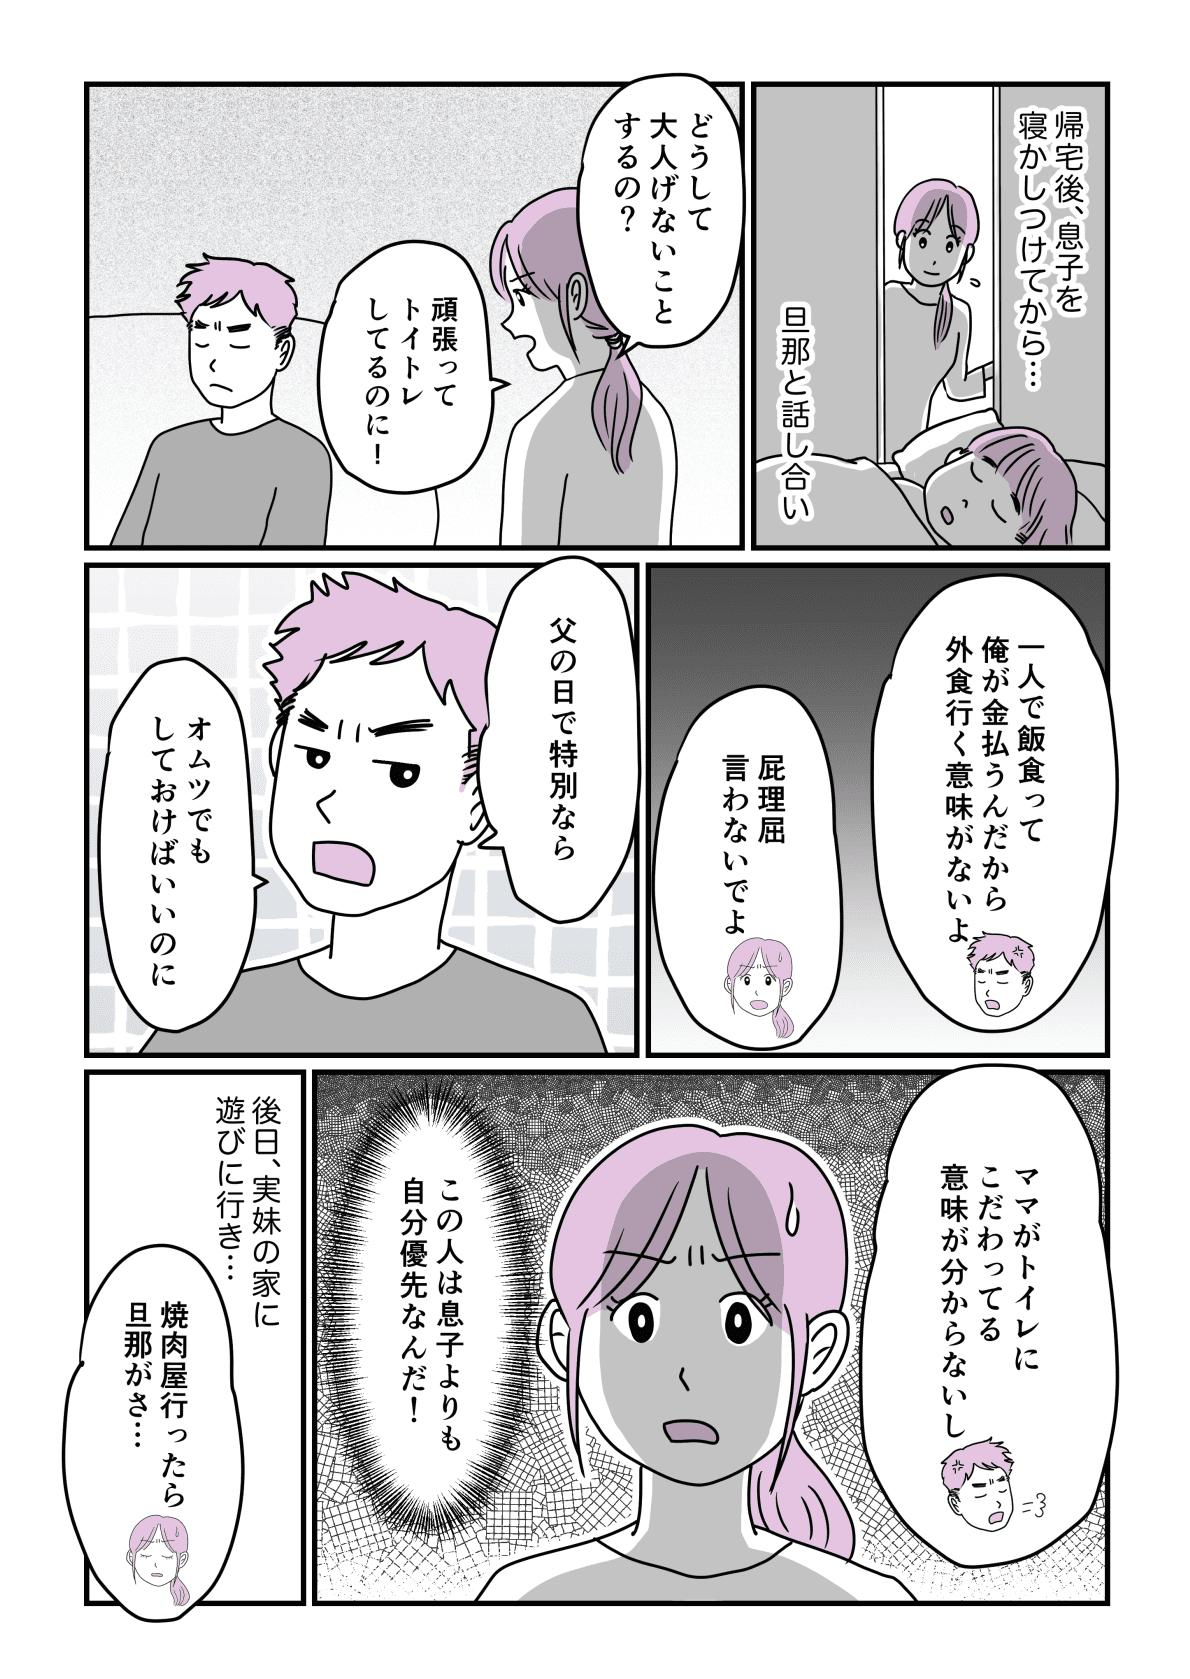 パパとトイレトレ後編1